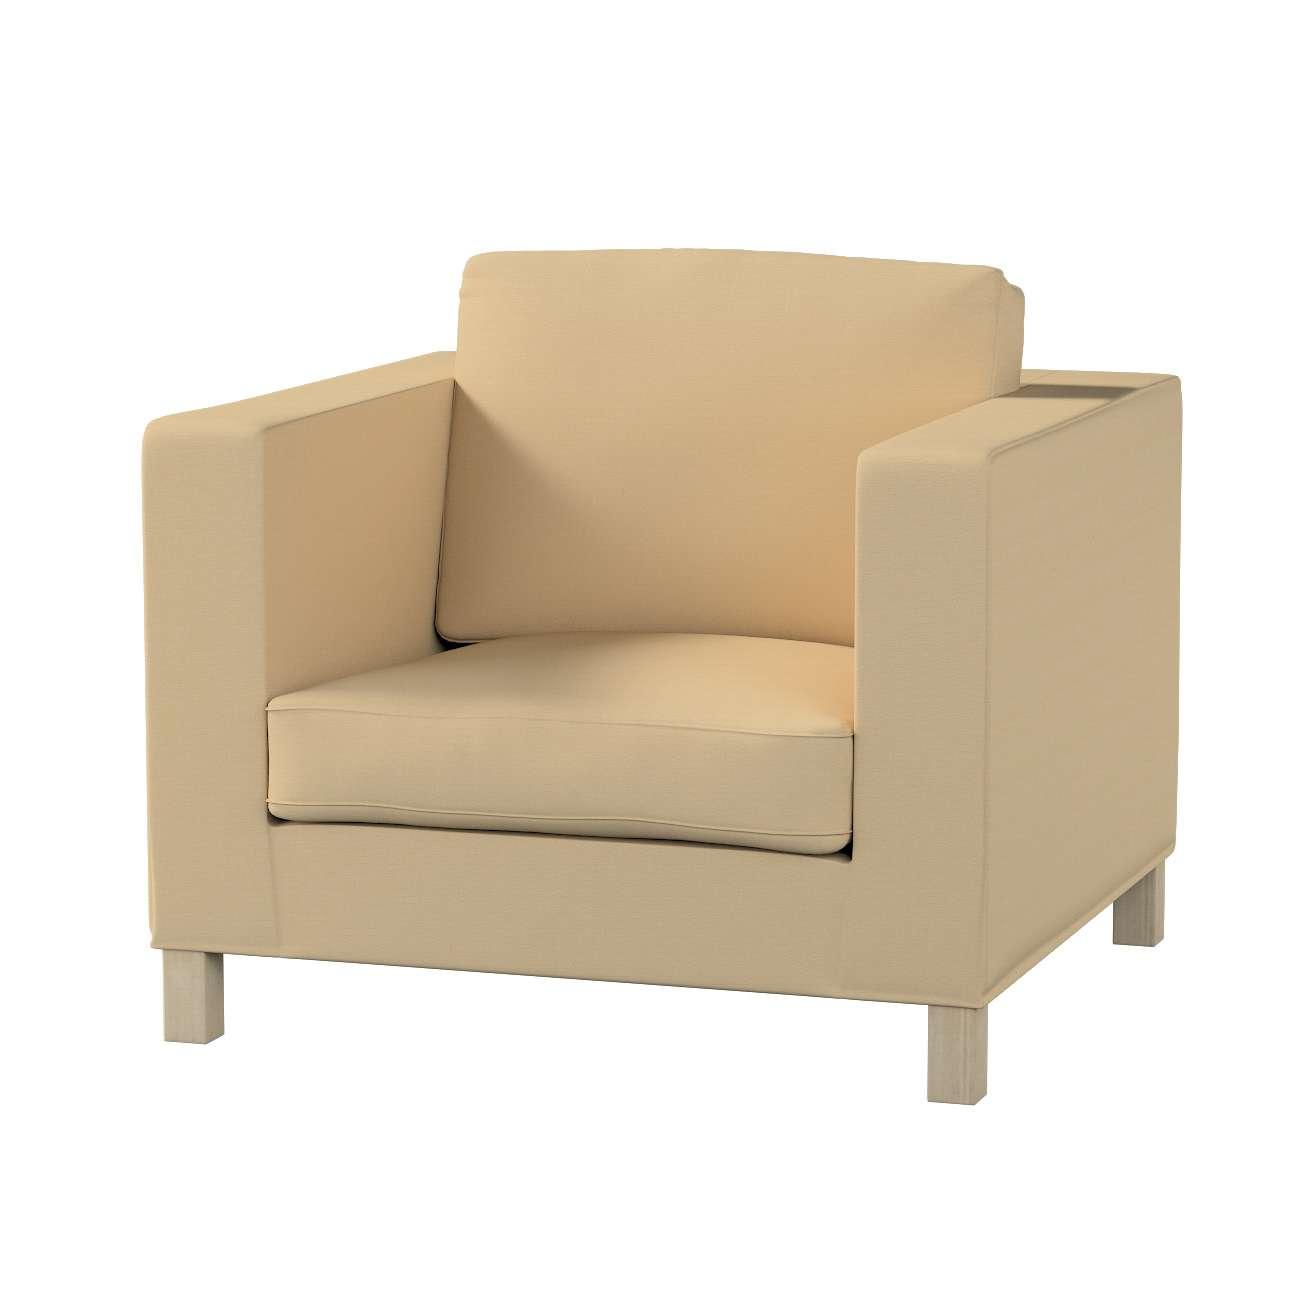 KARLANDA fotelio užvalkalas KARLANDA fotelio užvalkalas kolekcijoje Cotton Panama, audinys: 702-01